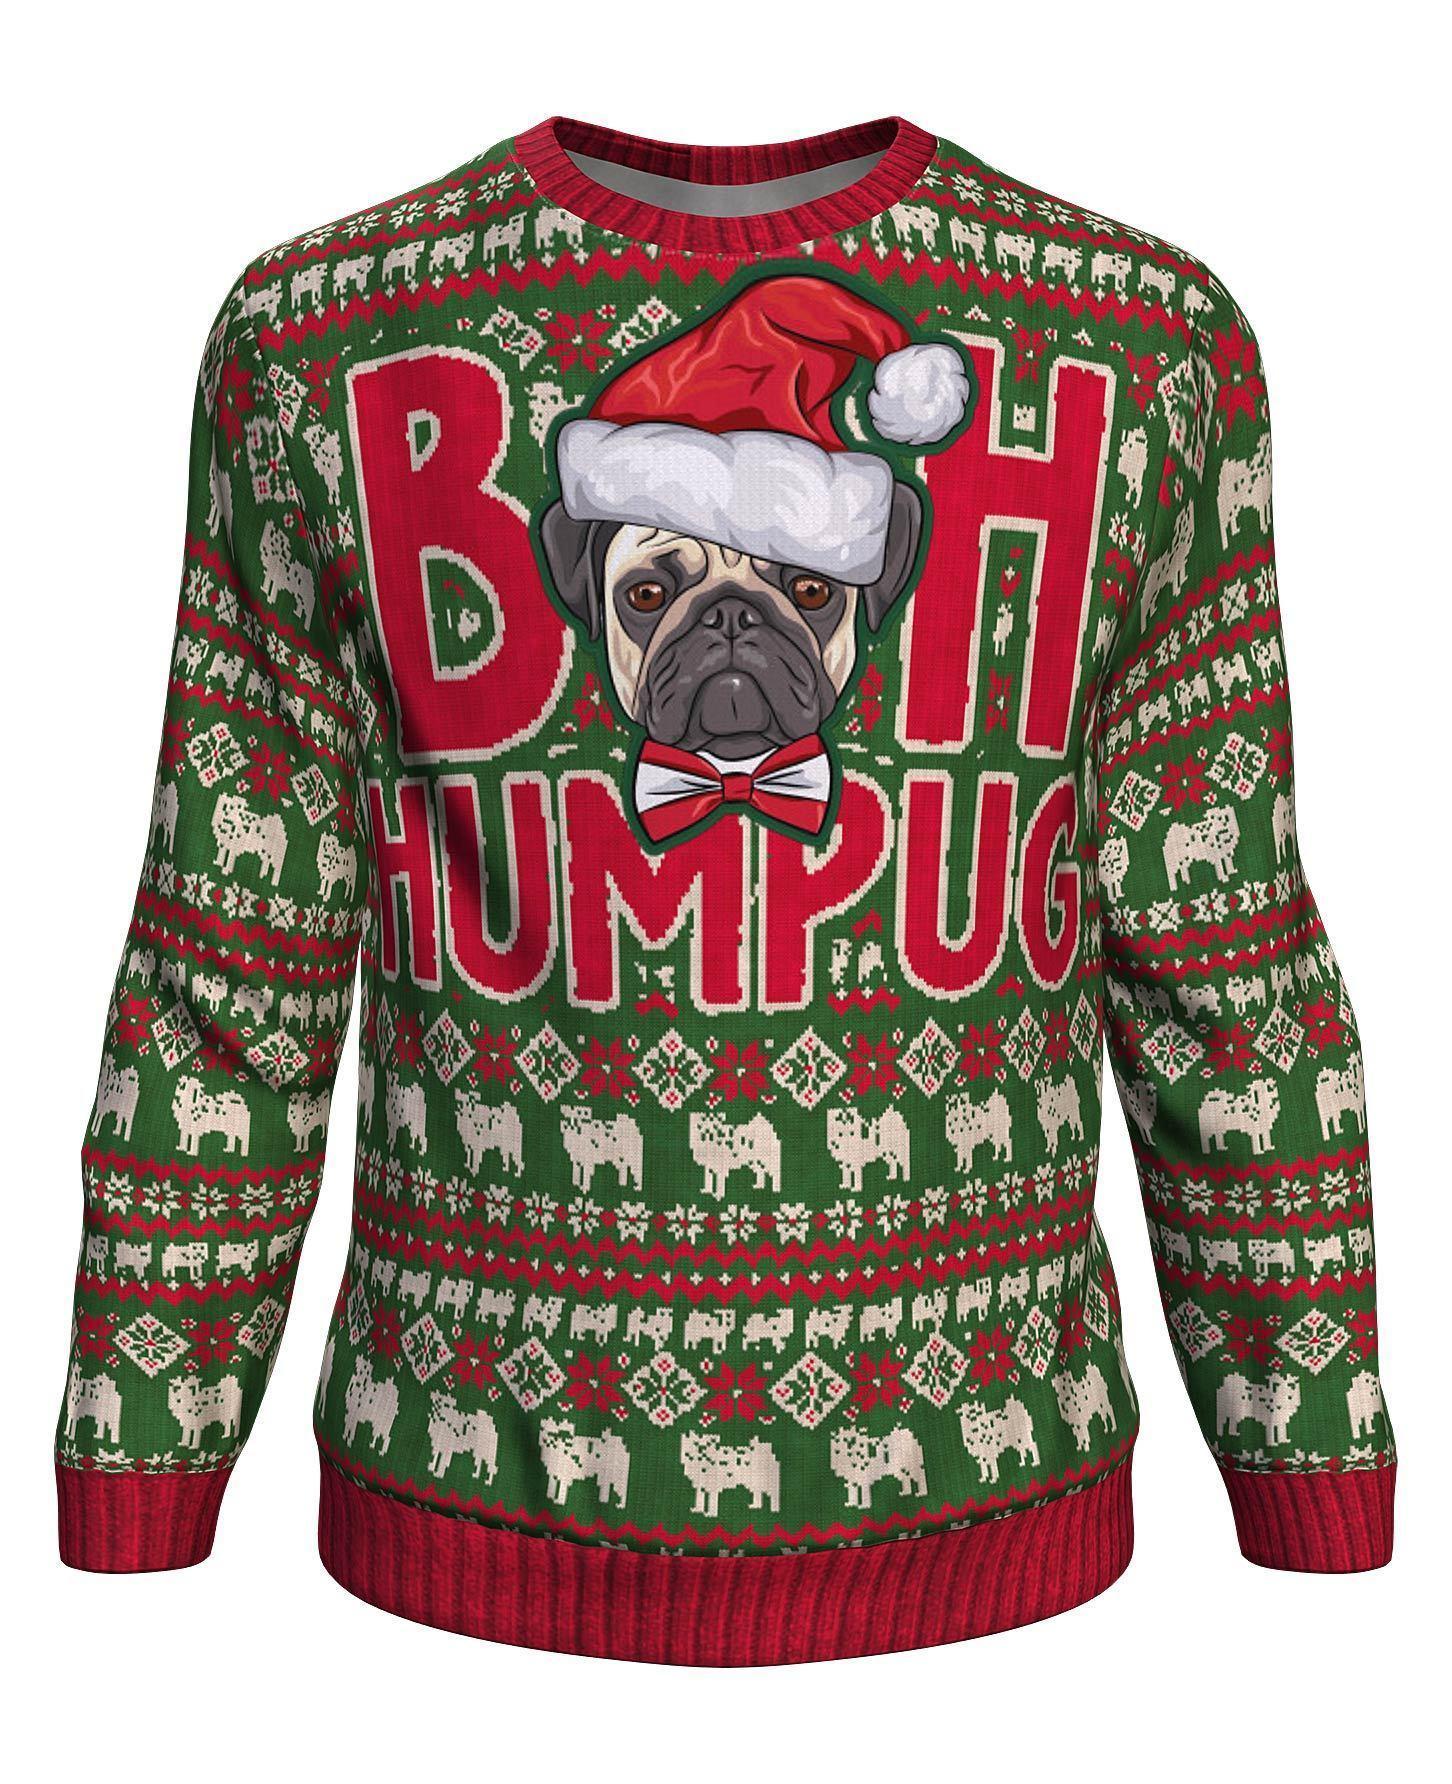 Christmas bah humpug all over print sweater - maria